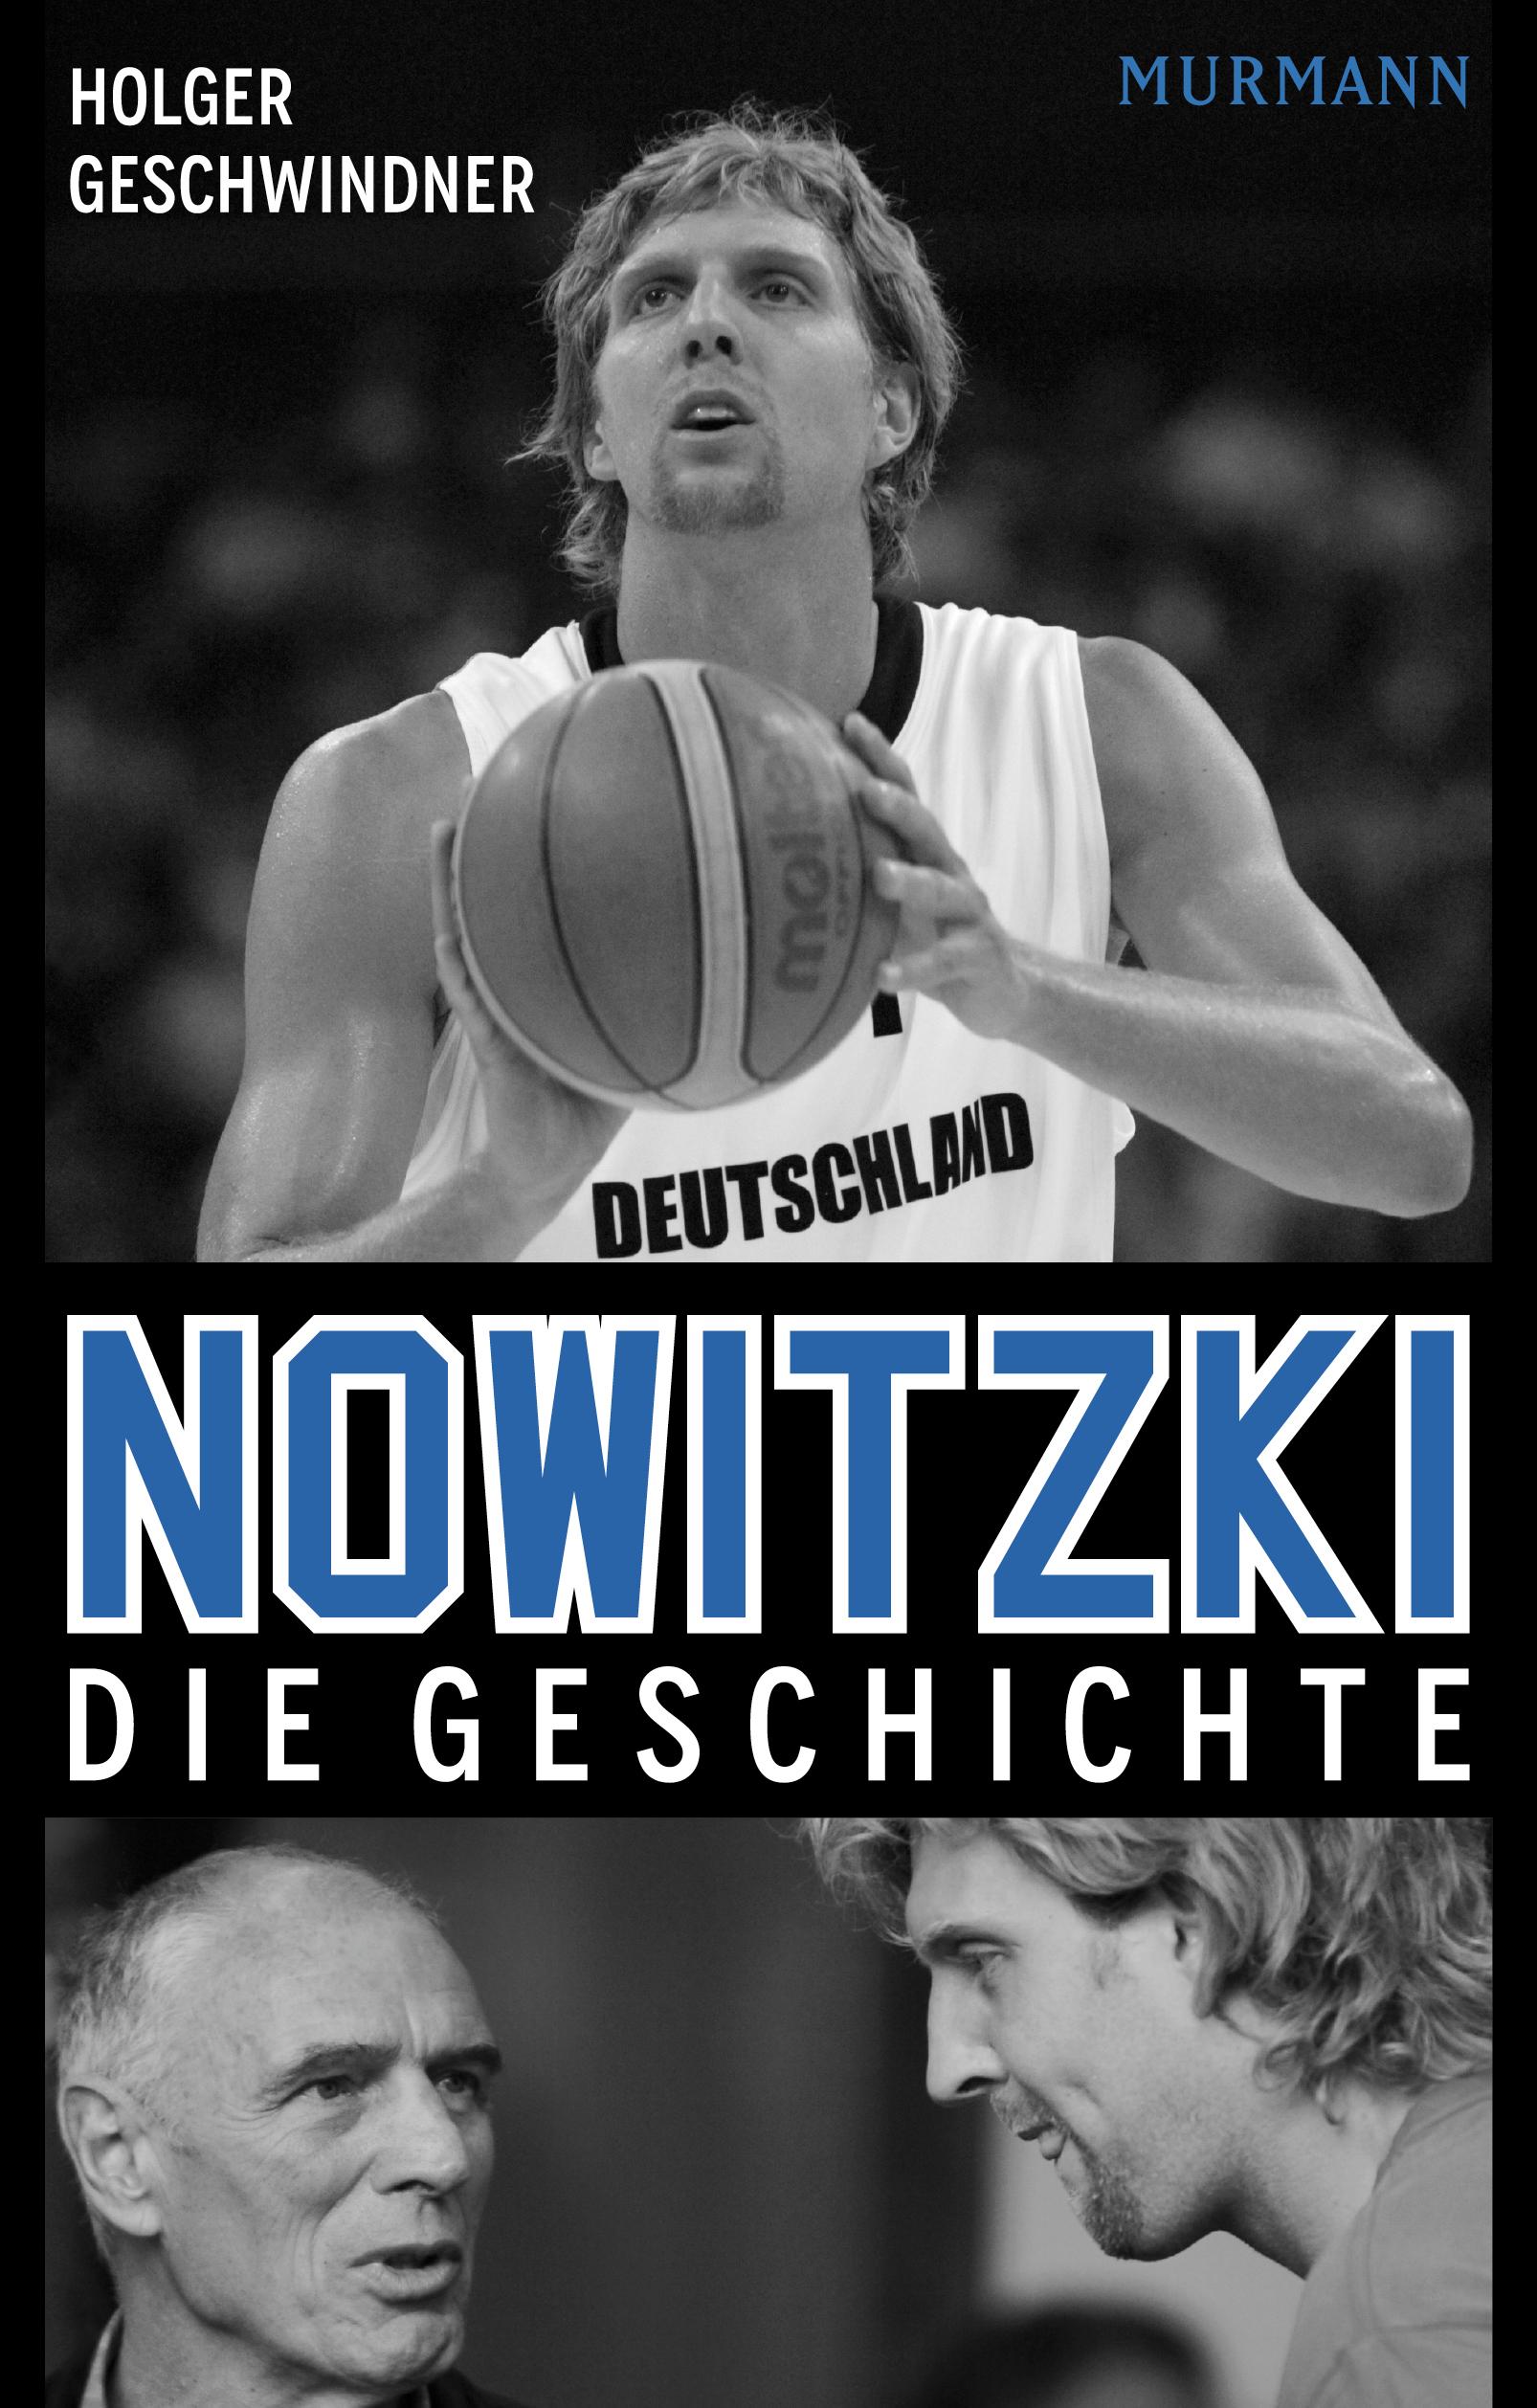 Holger Geschwindner Nowitzki